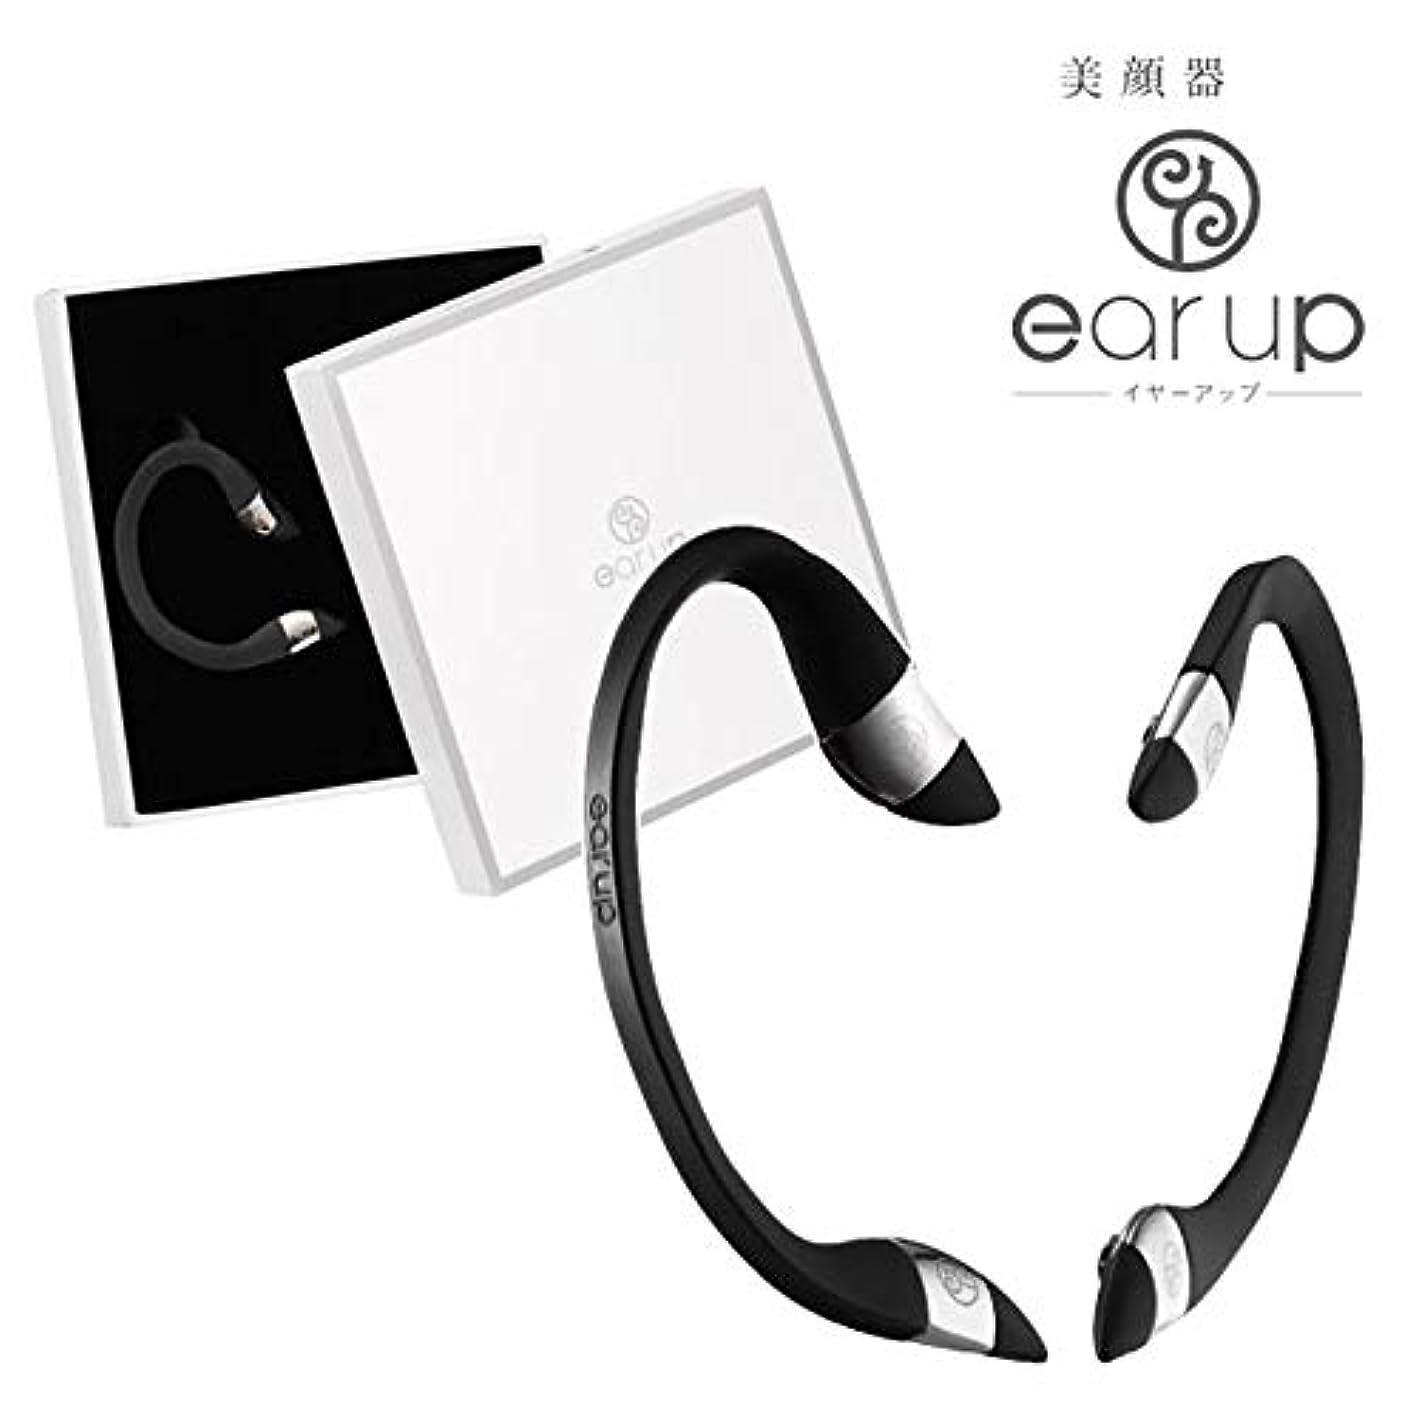 ギャングプレフィックス地元エイベックスビューティーメソッド ear up(イヤーアップ)